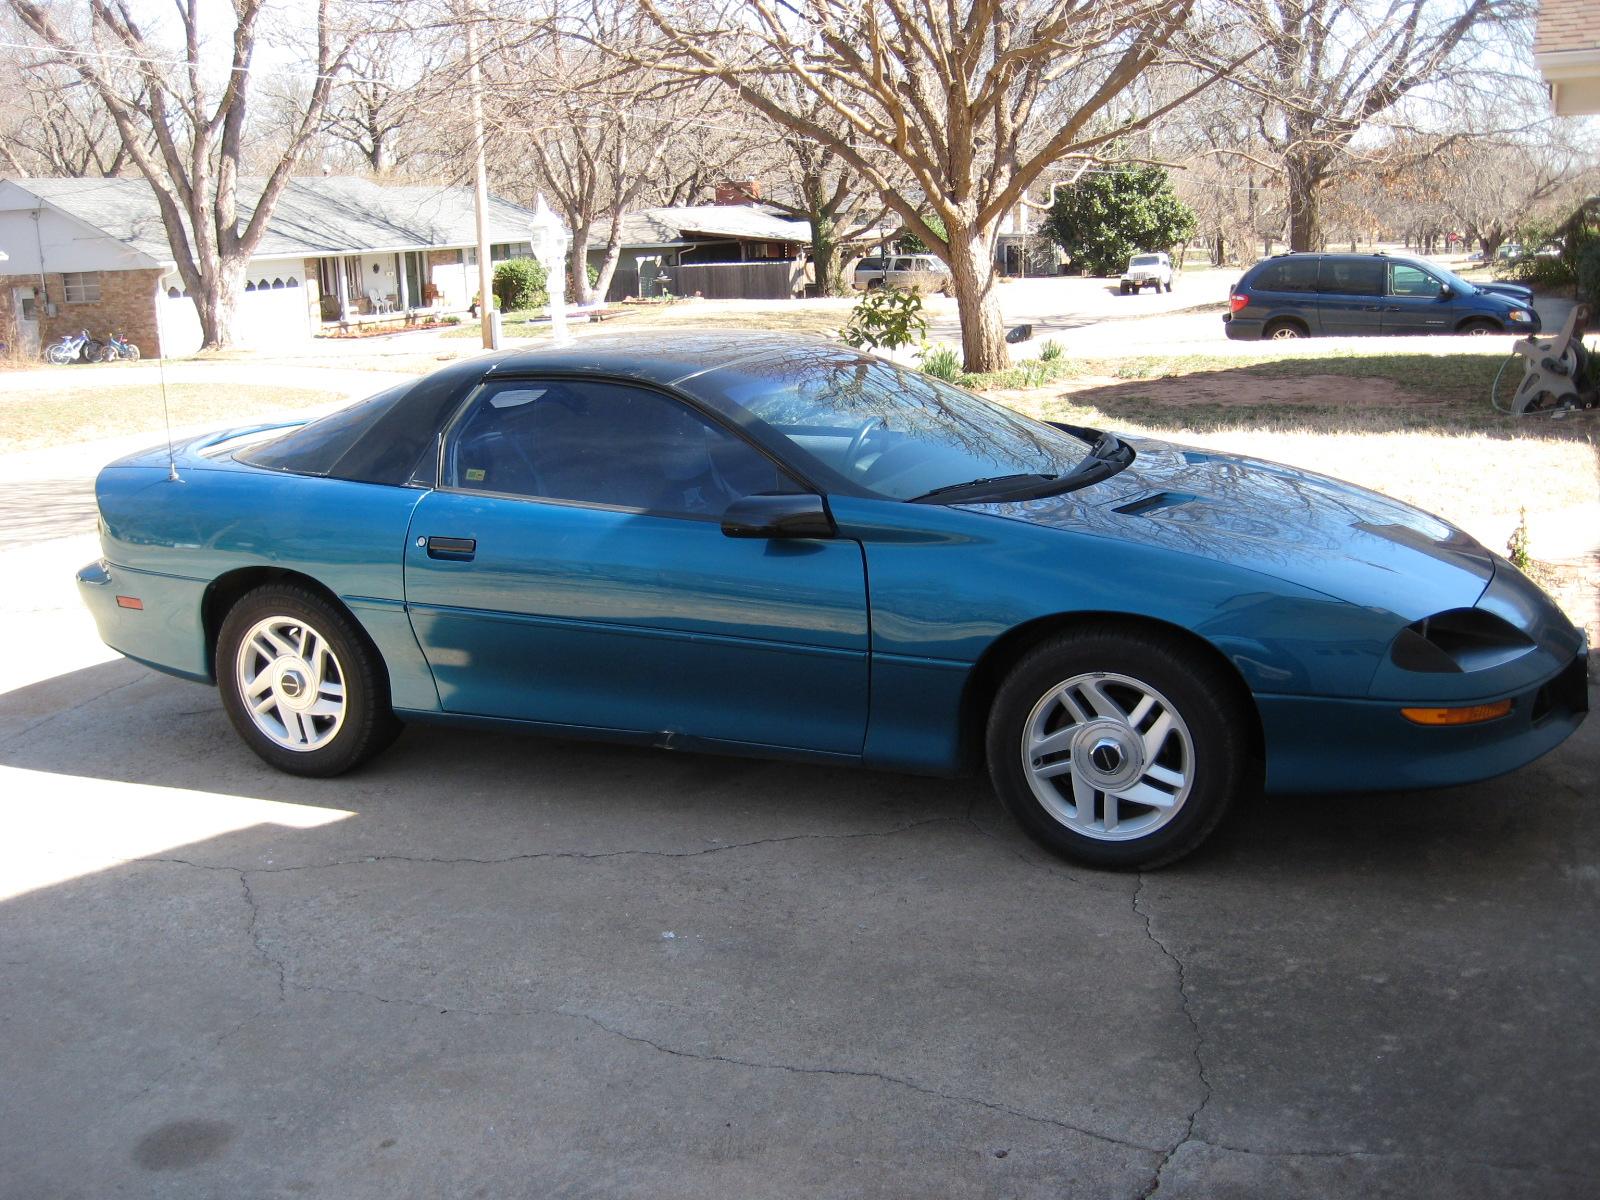 1995 Chevrolet Camaro - Exterior Pictures - CarGurus